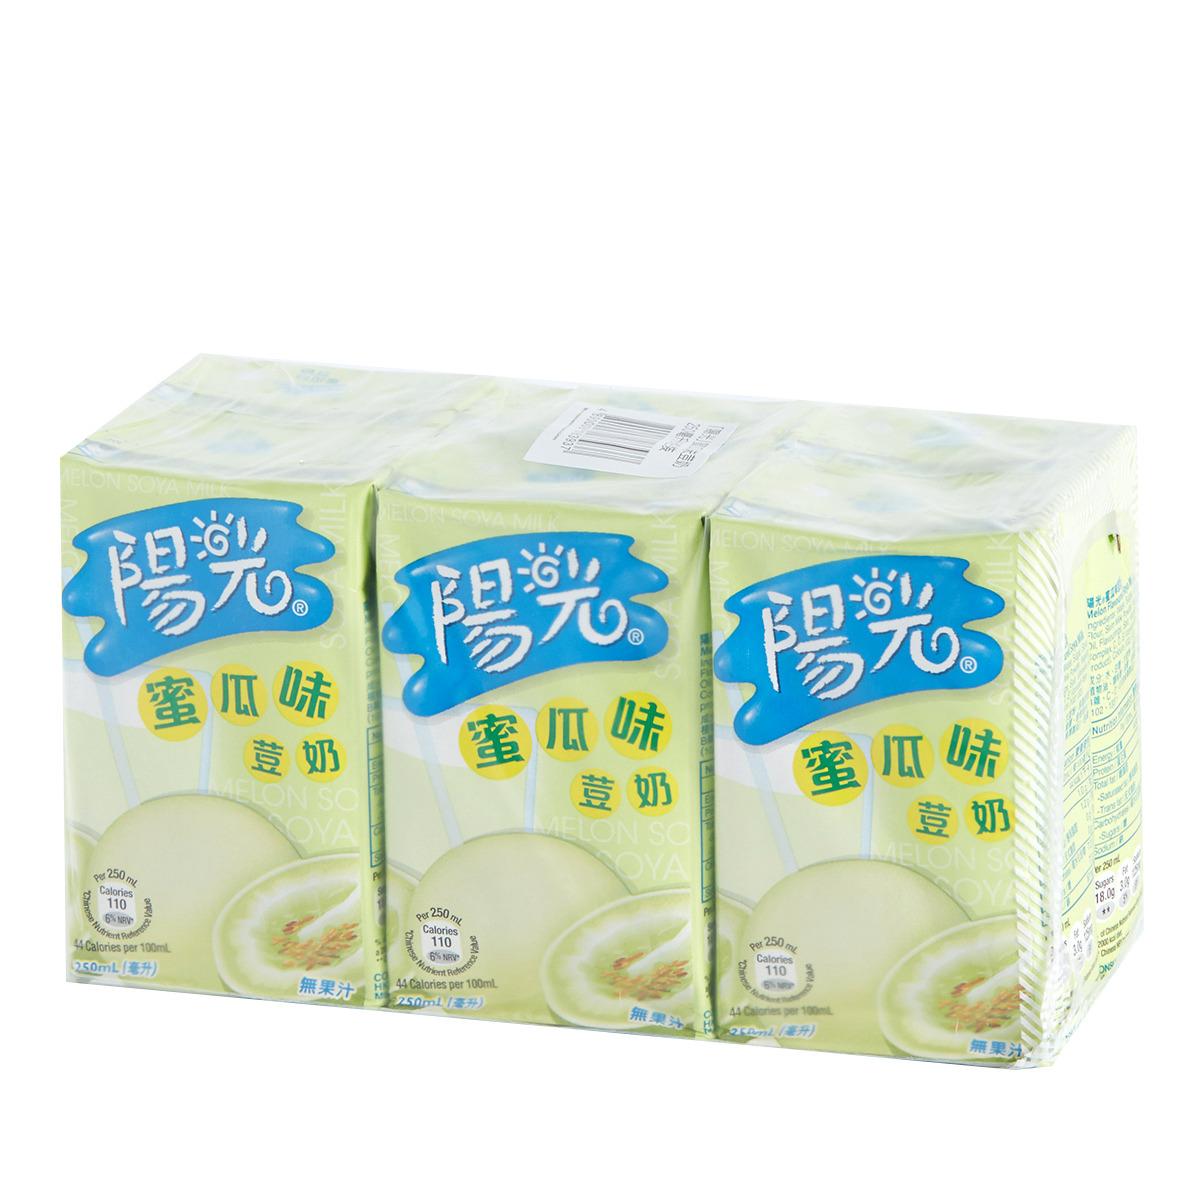 蜜瓜味荳奶紙包裝